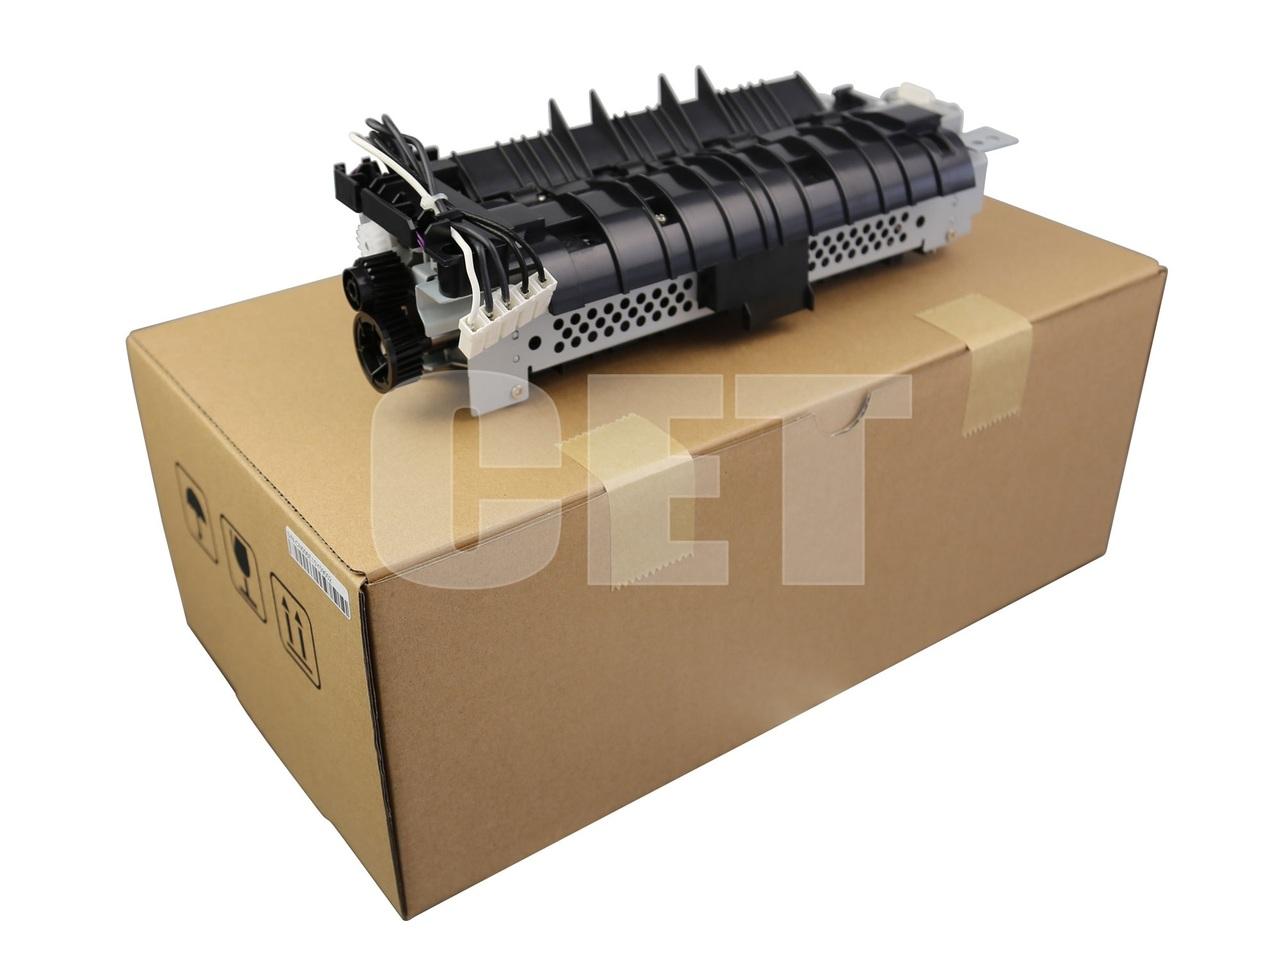 Фьюзер (печка) в сборе RM1-8508-000 для HP LaserJet ProMFP M521/M525 (CET), CET2730U